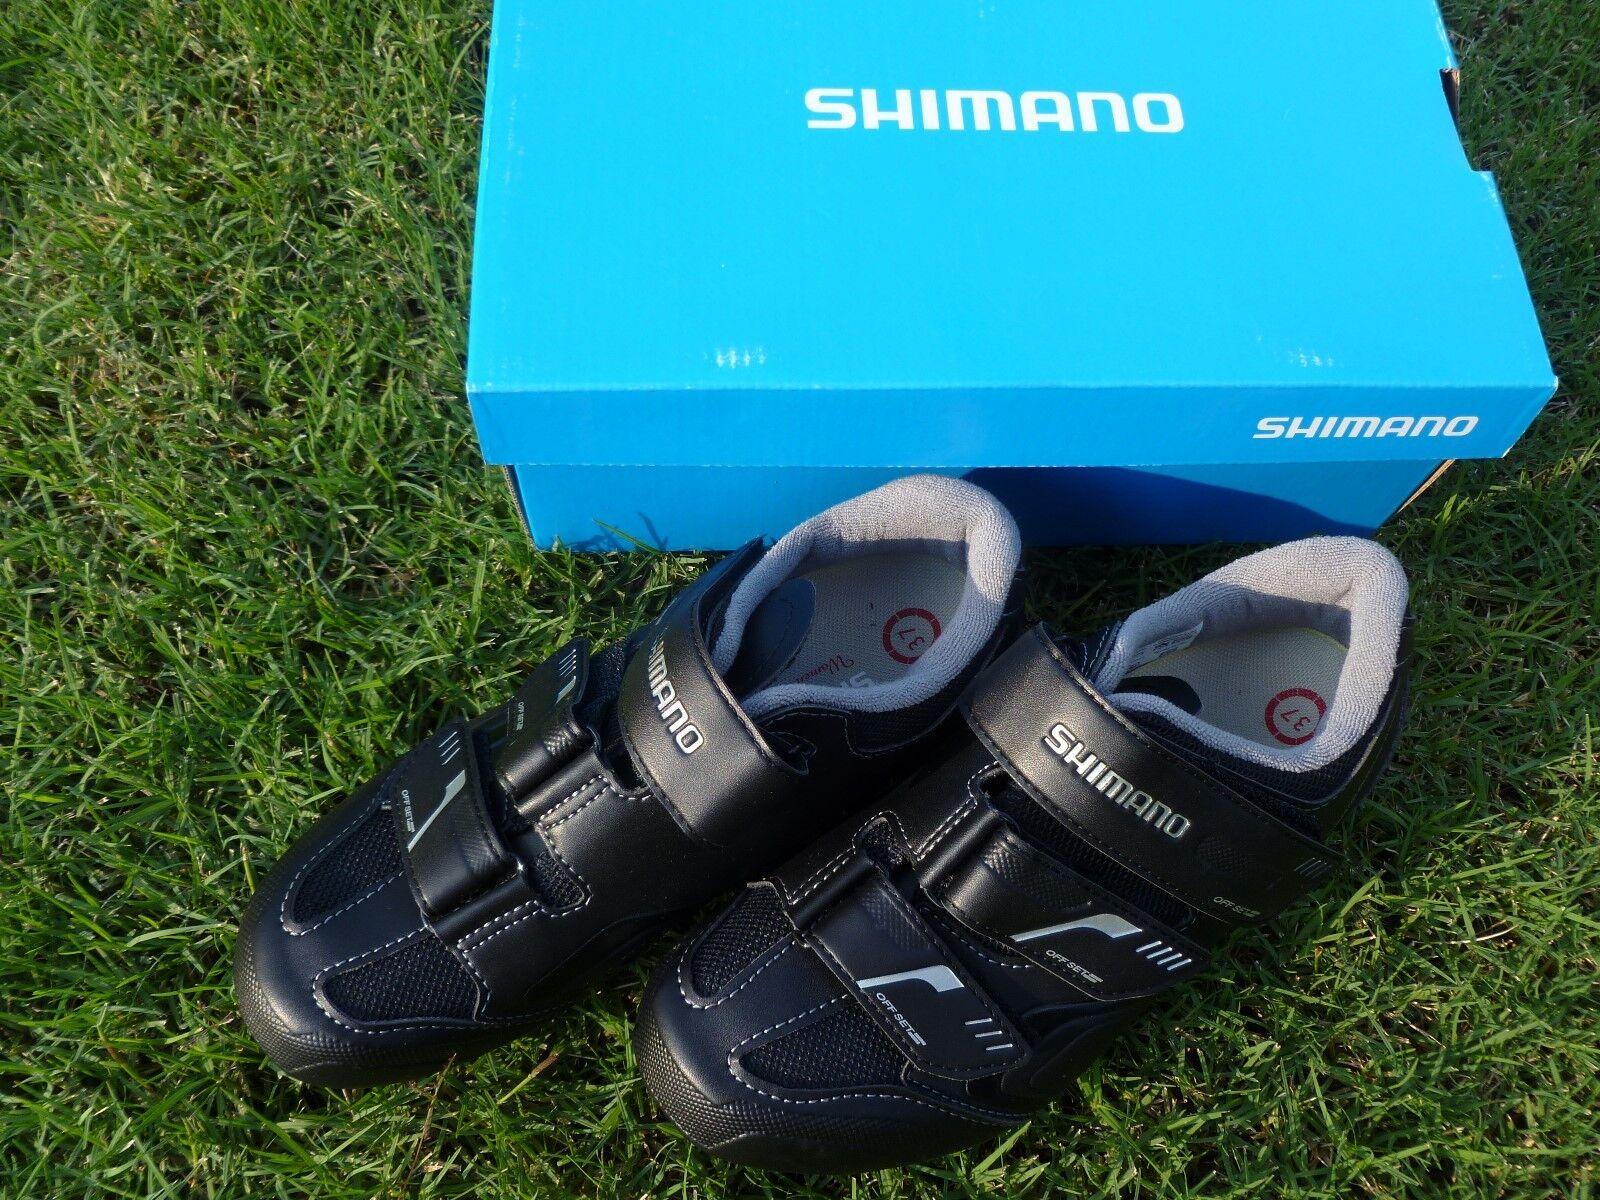 NEW Shimano SH-WM52L SPD Women Mountain Bike Cycling  shoes US 5.5 MTB BIKE  the cheapest